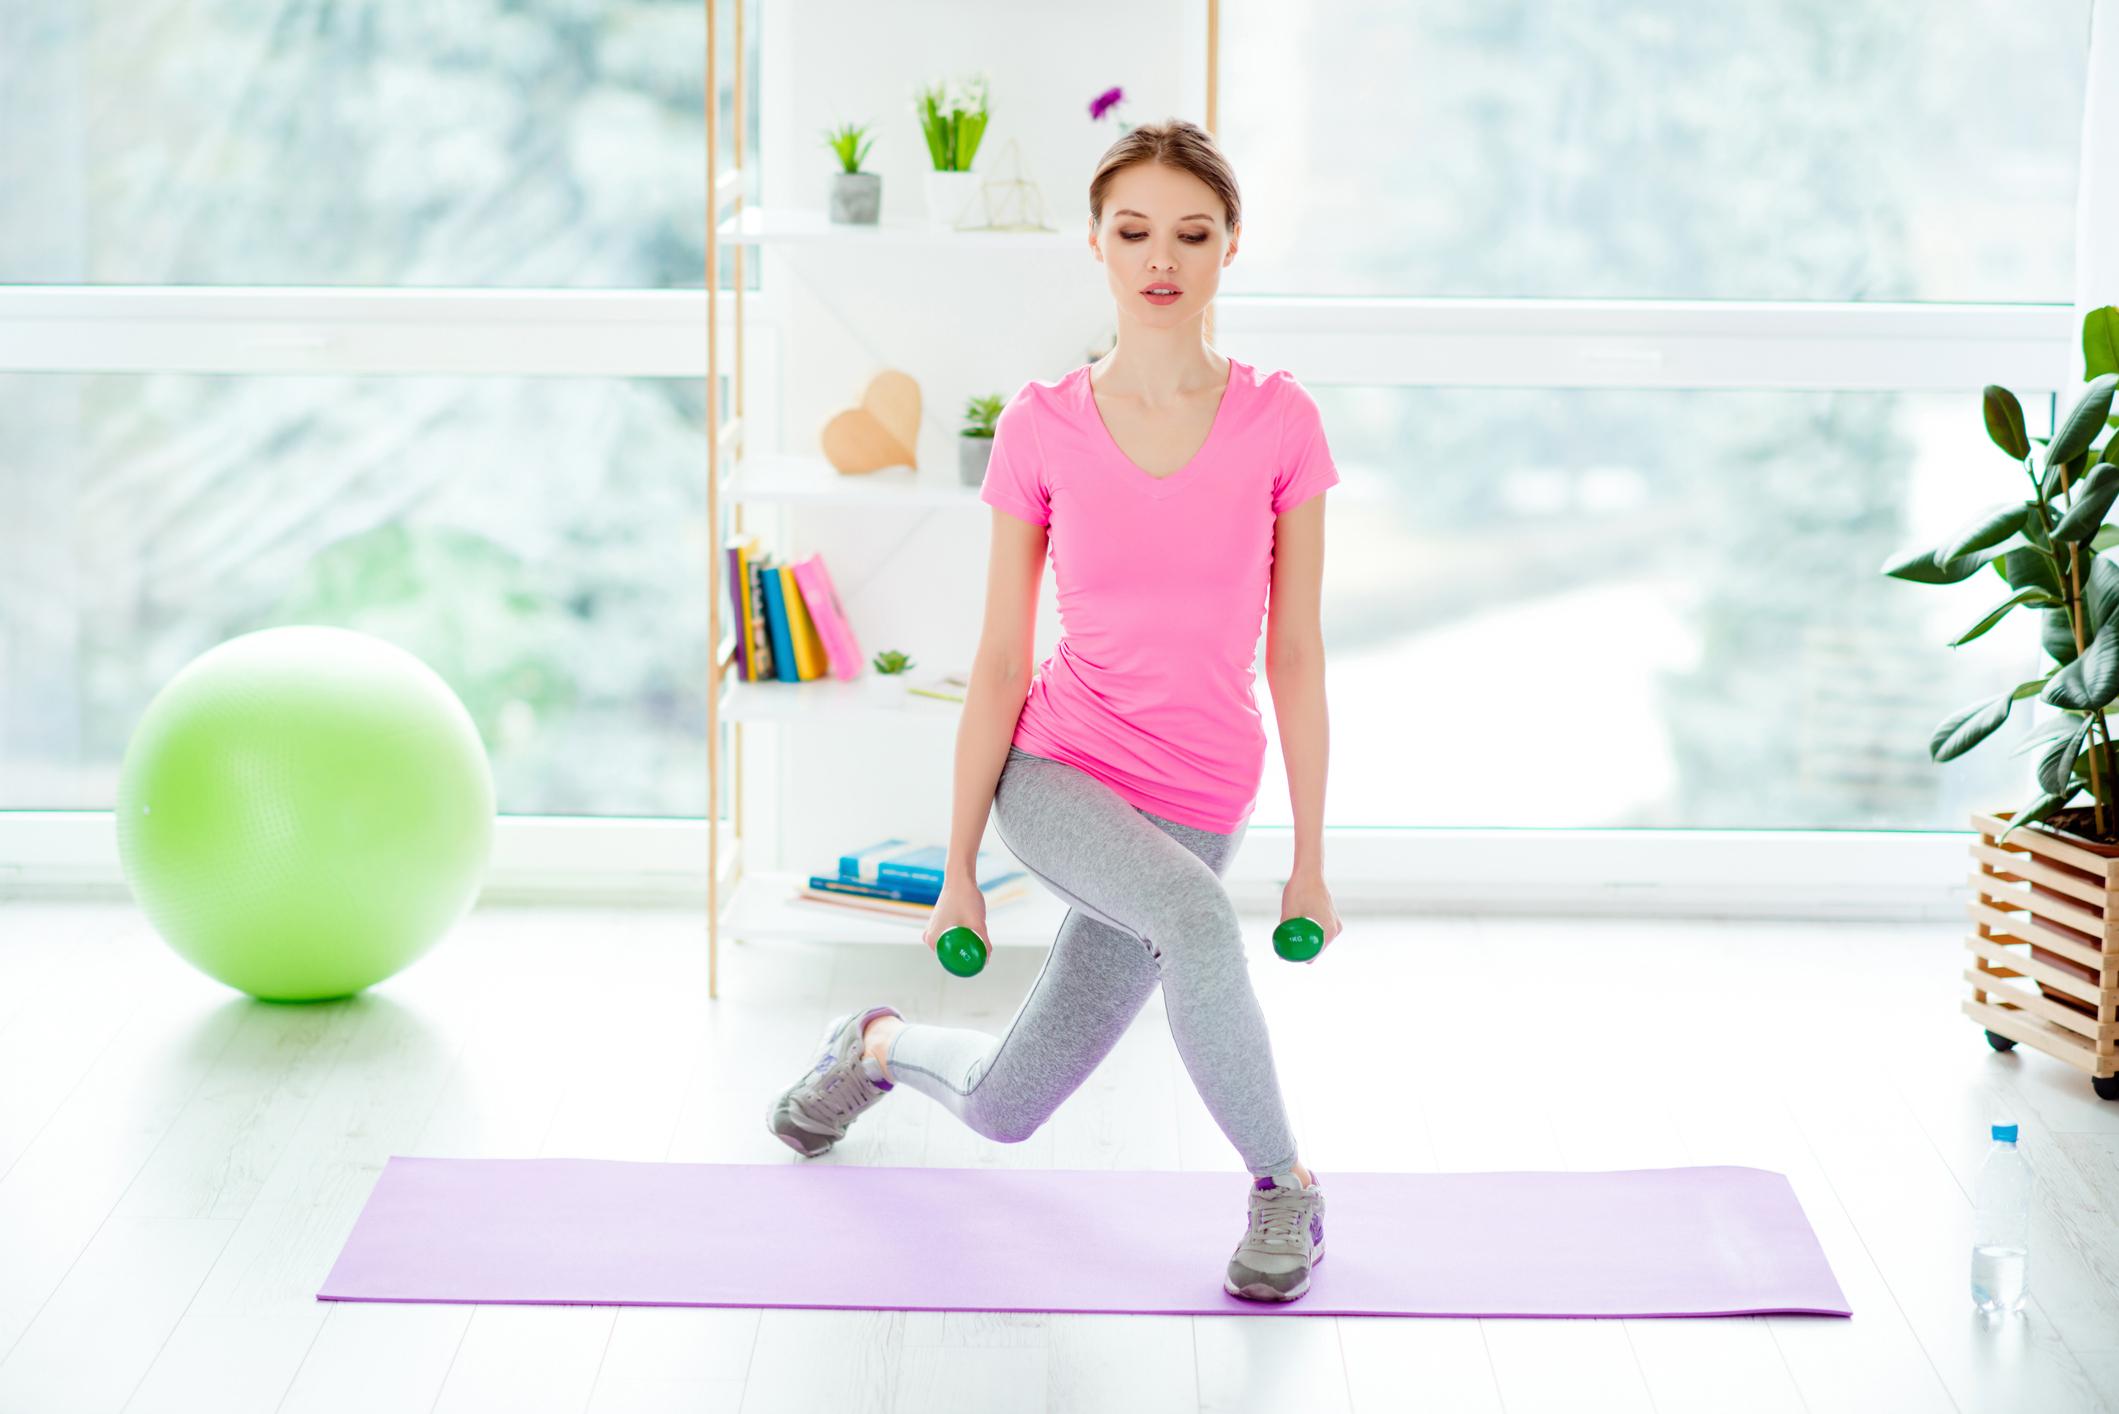 Як фізично відновити тіло після операції або тривалої хвороби